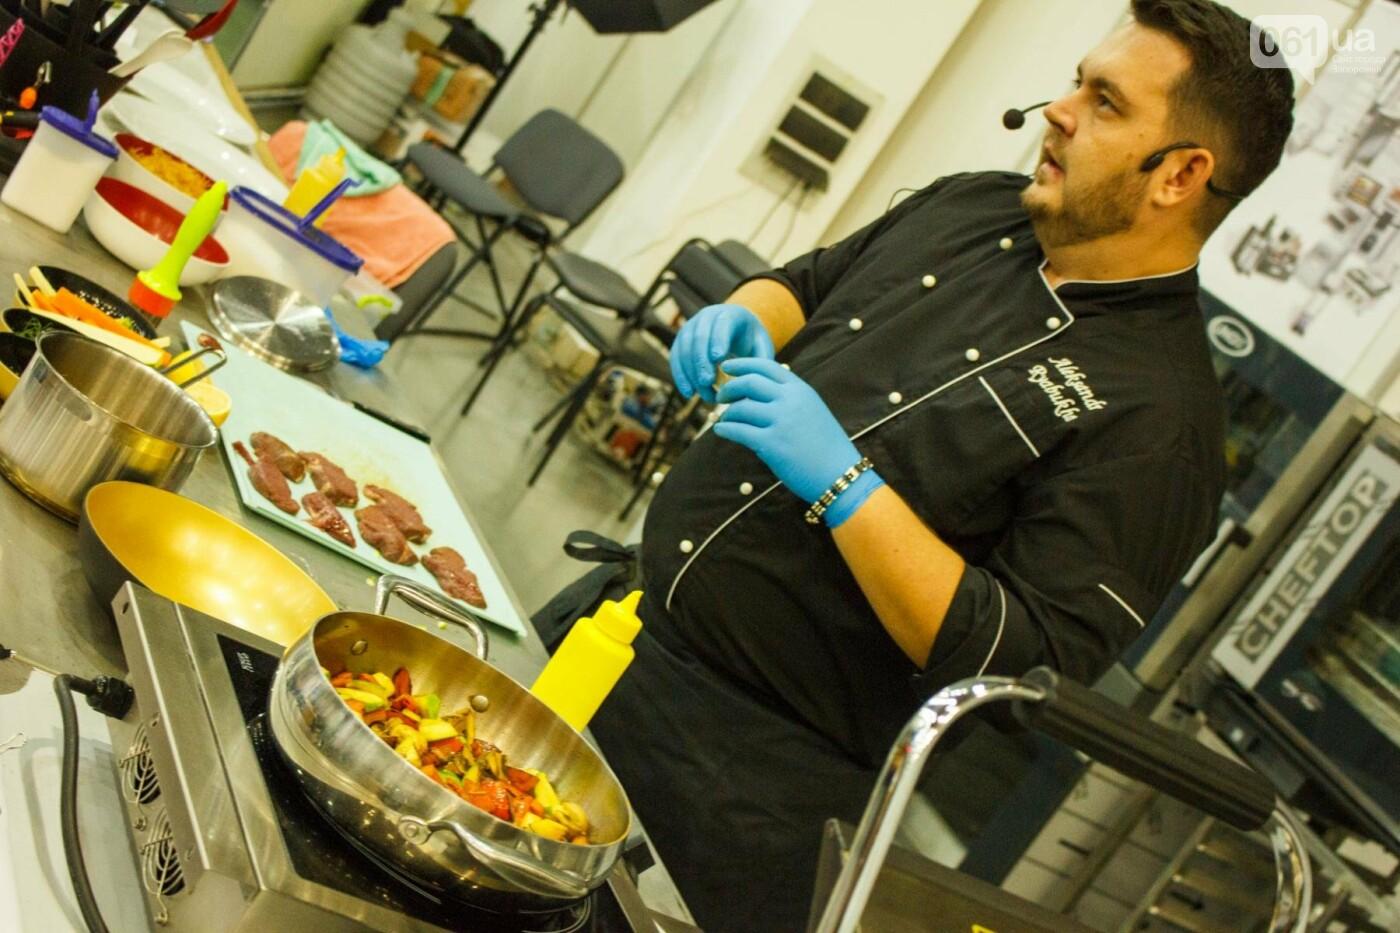 Шеф-повара запорожских ресторанов провели мастер-класс для горожан: как это было, - ФОТОРЕПОРТАЖ, фото-72